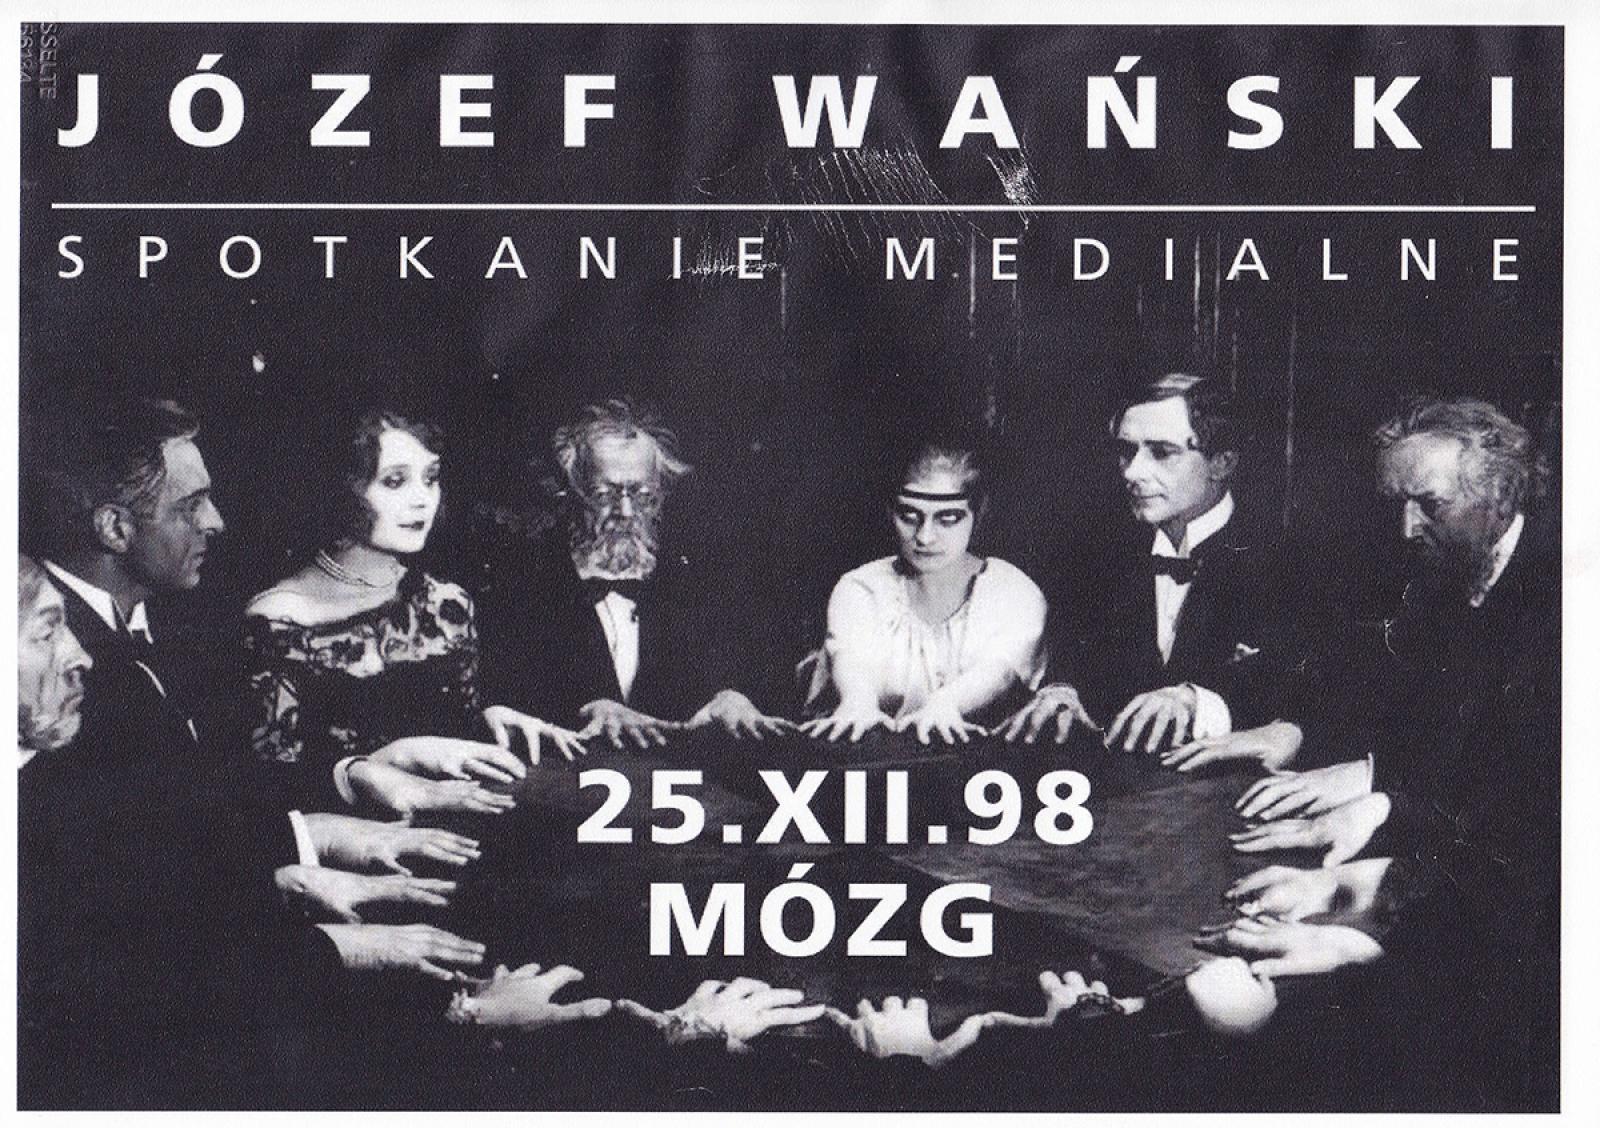 Józef Wański (Kruk) – spotkanie medialne